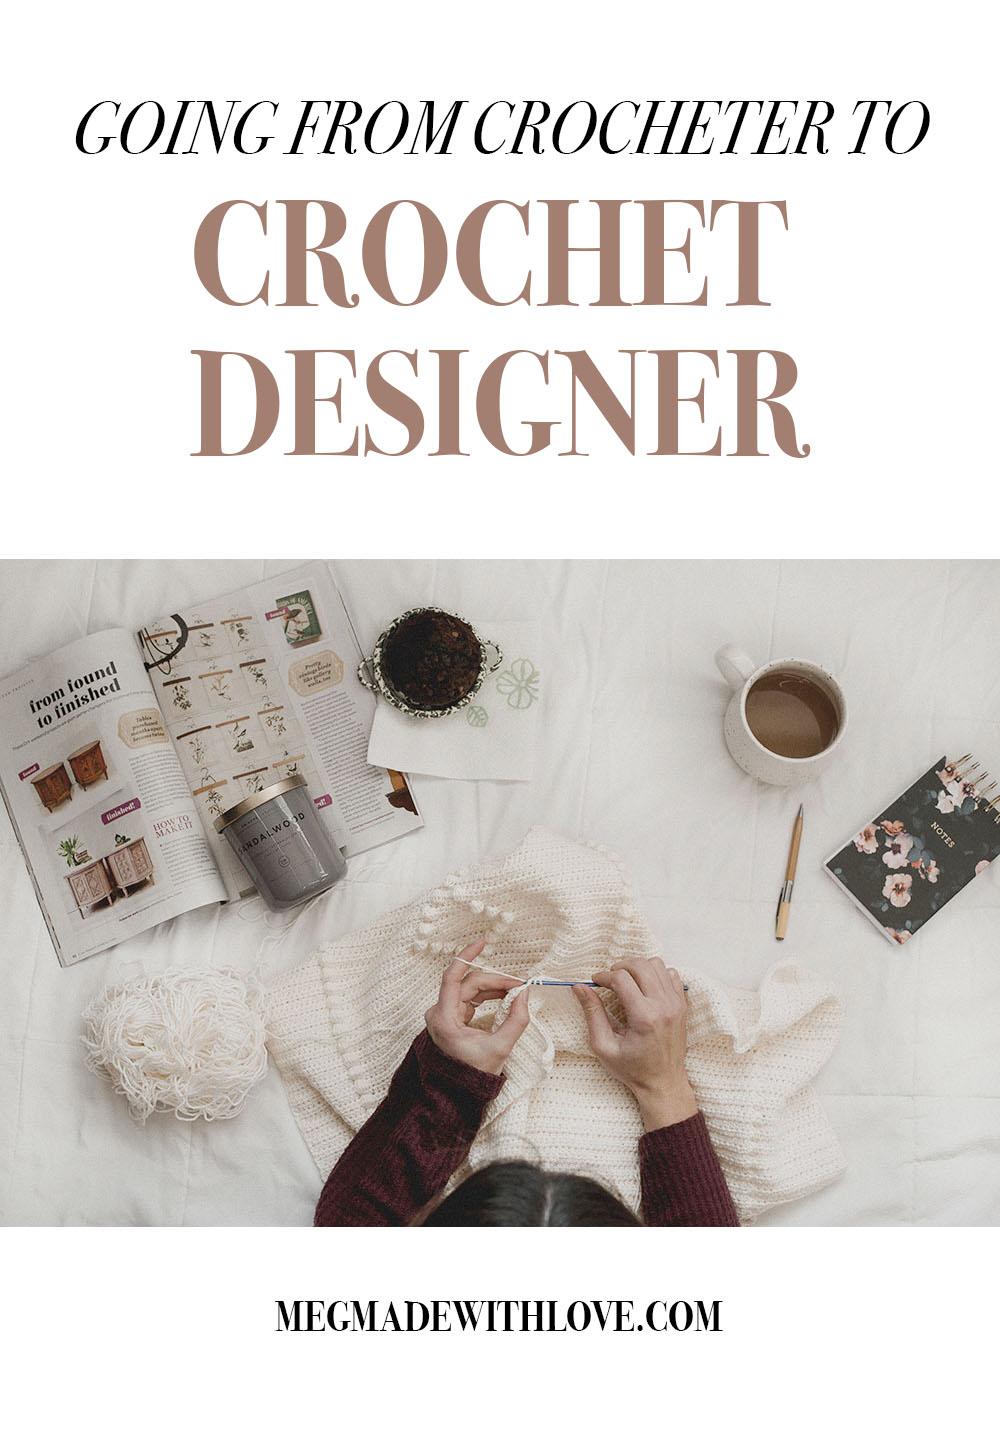 How I became a Crochet Designer - Megmade with Love